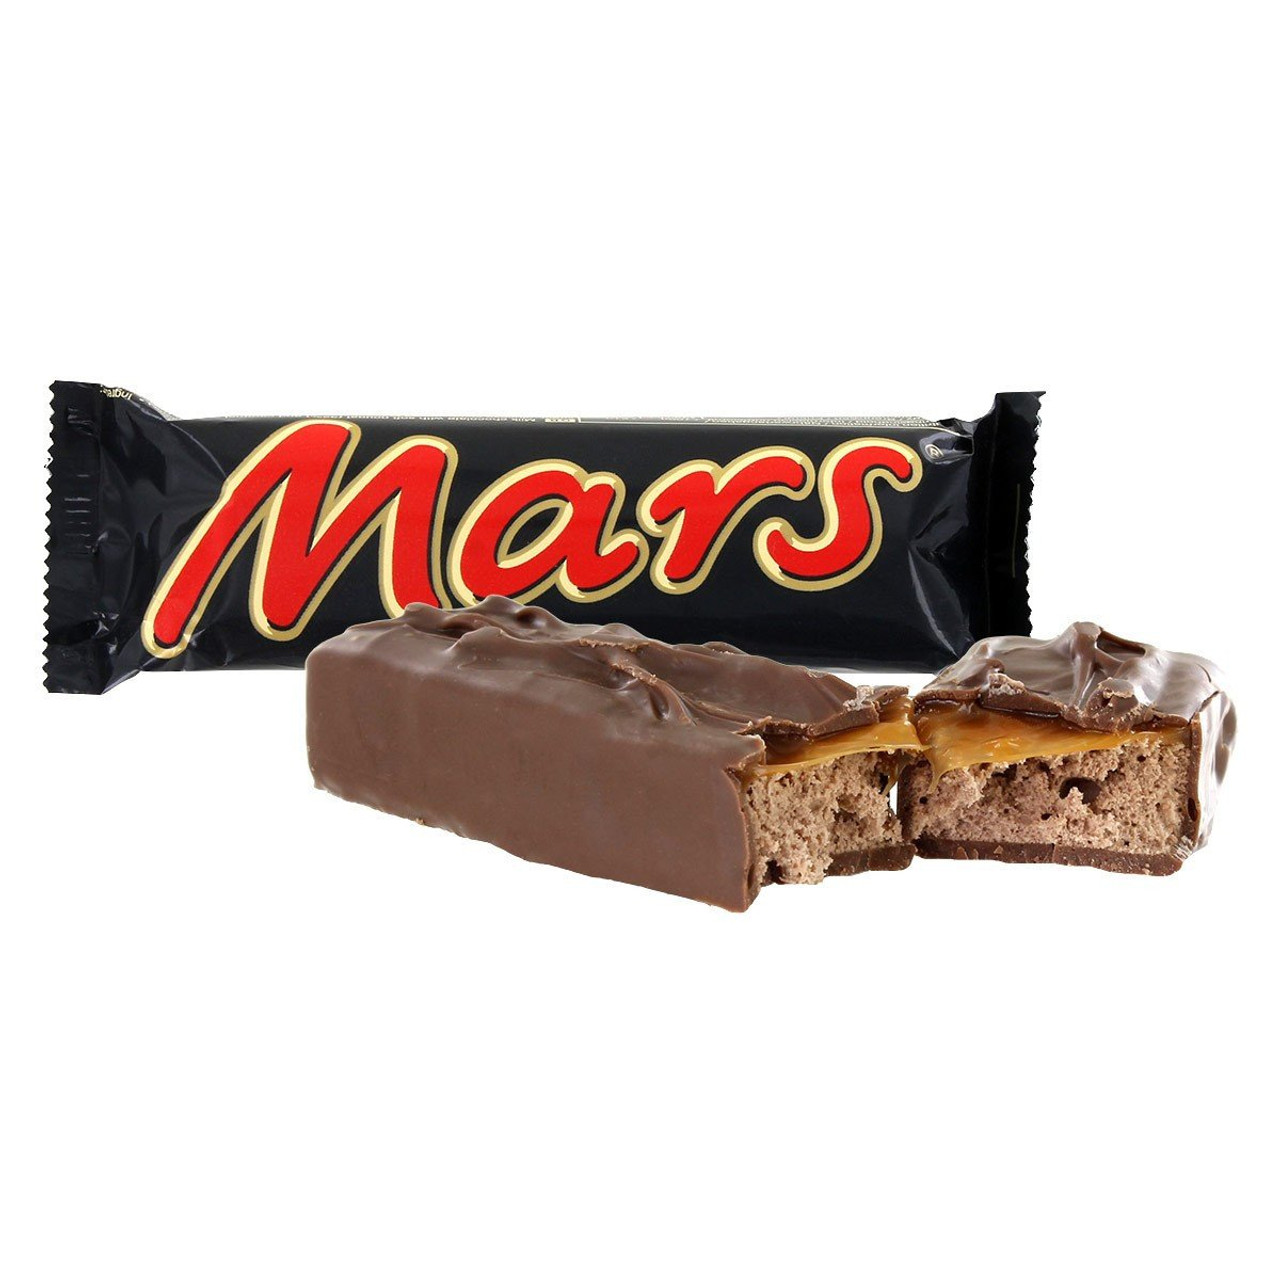 Mars - Bar, 51g